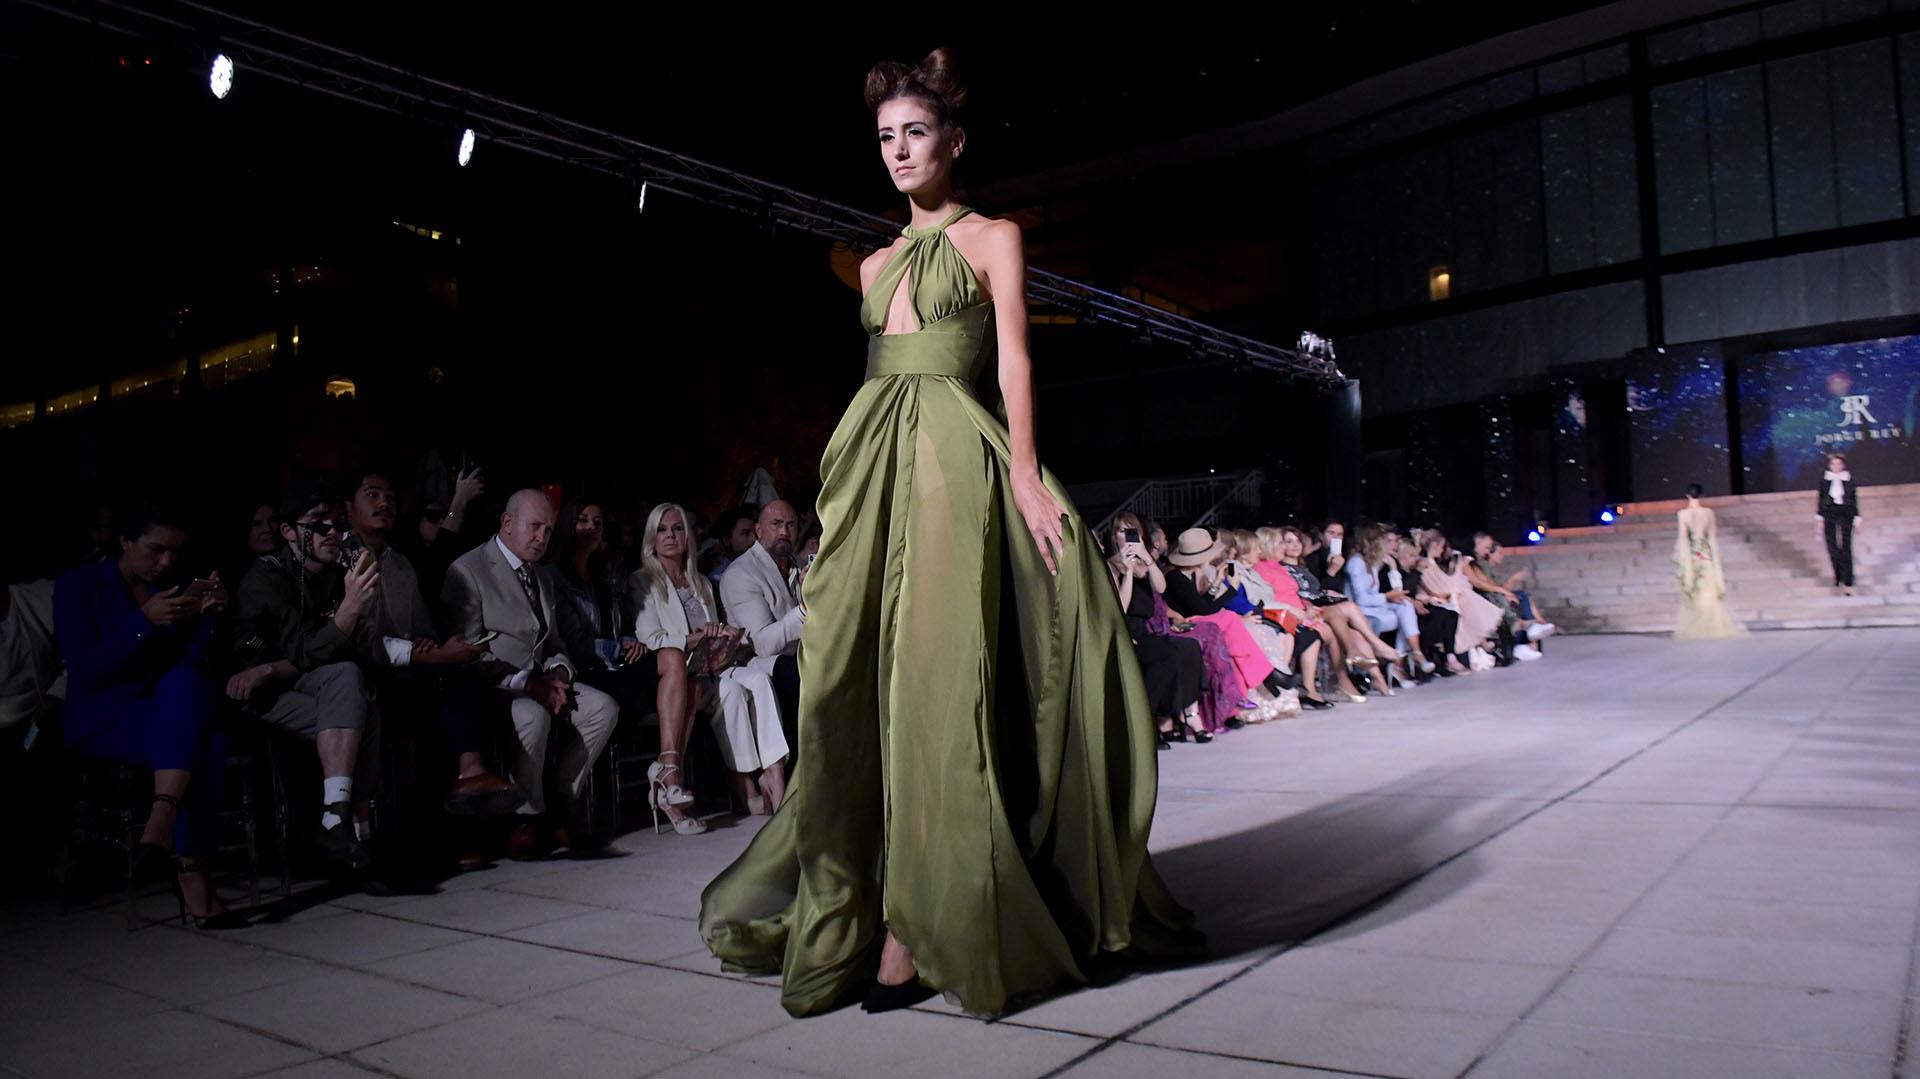 El verde oliva también fue protagonista. De seda con cuello halter y transparencias